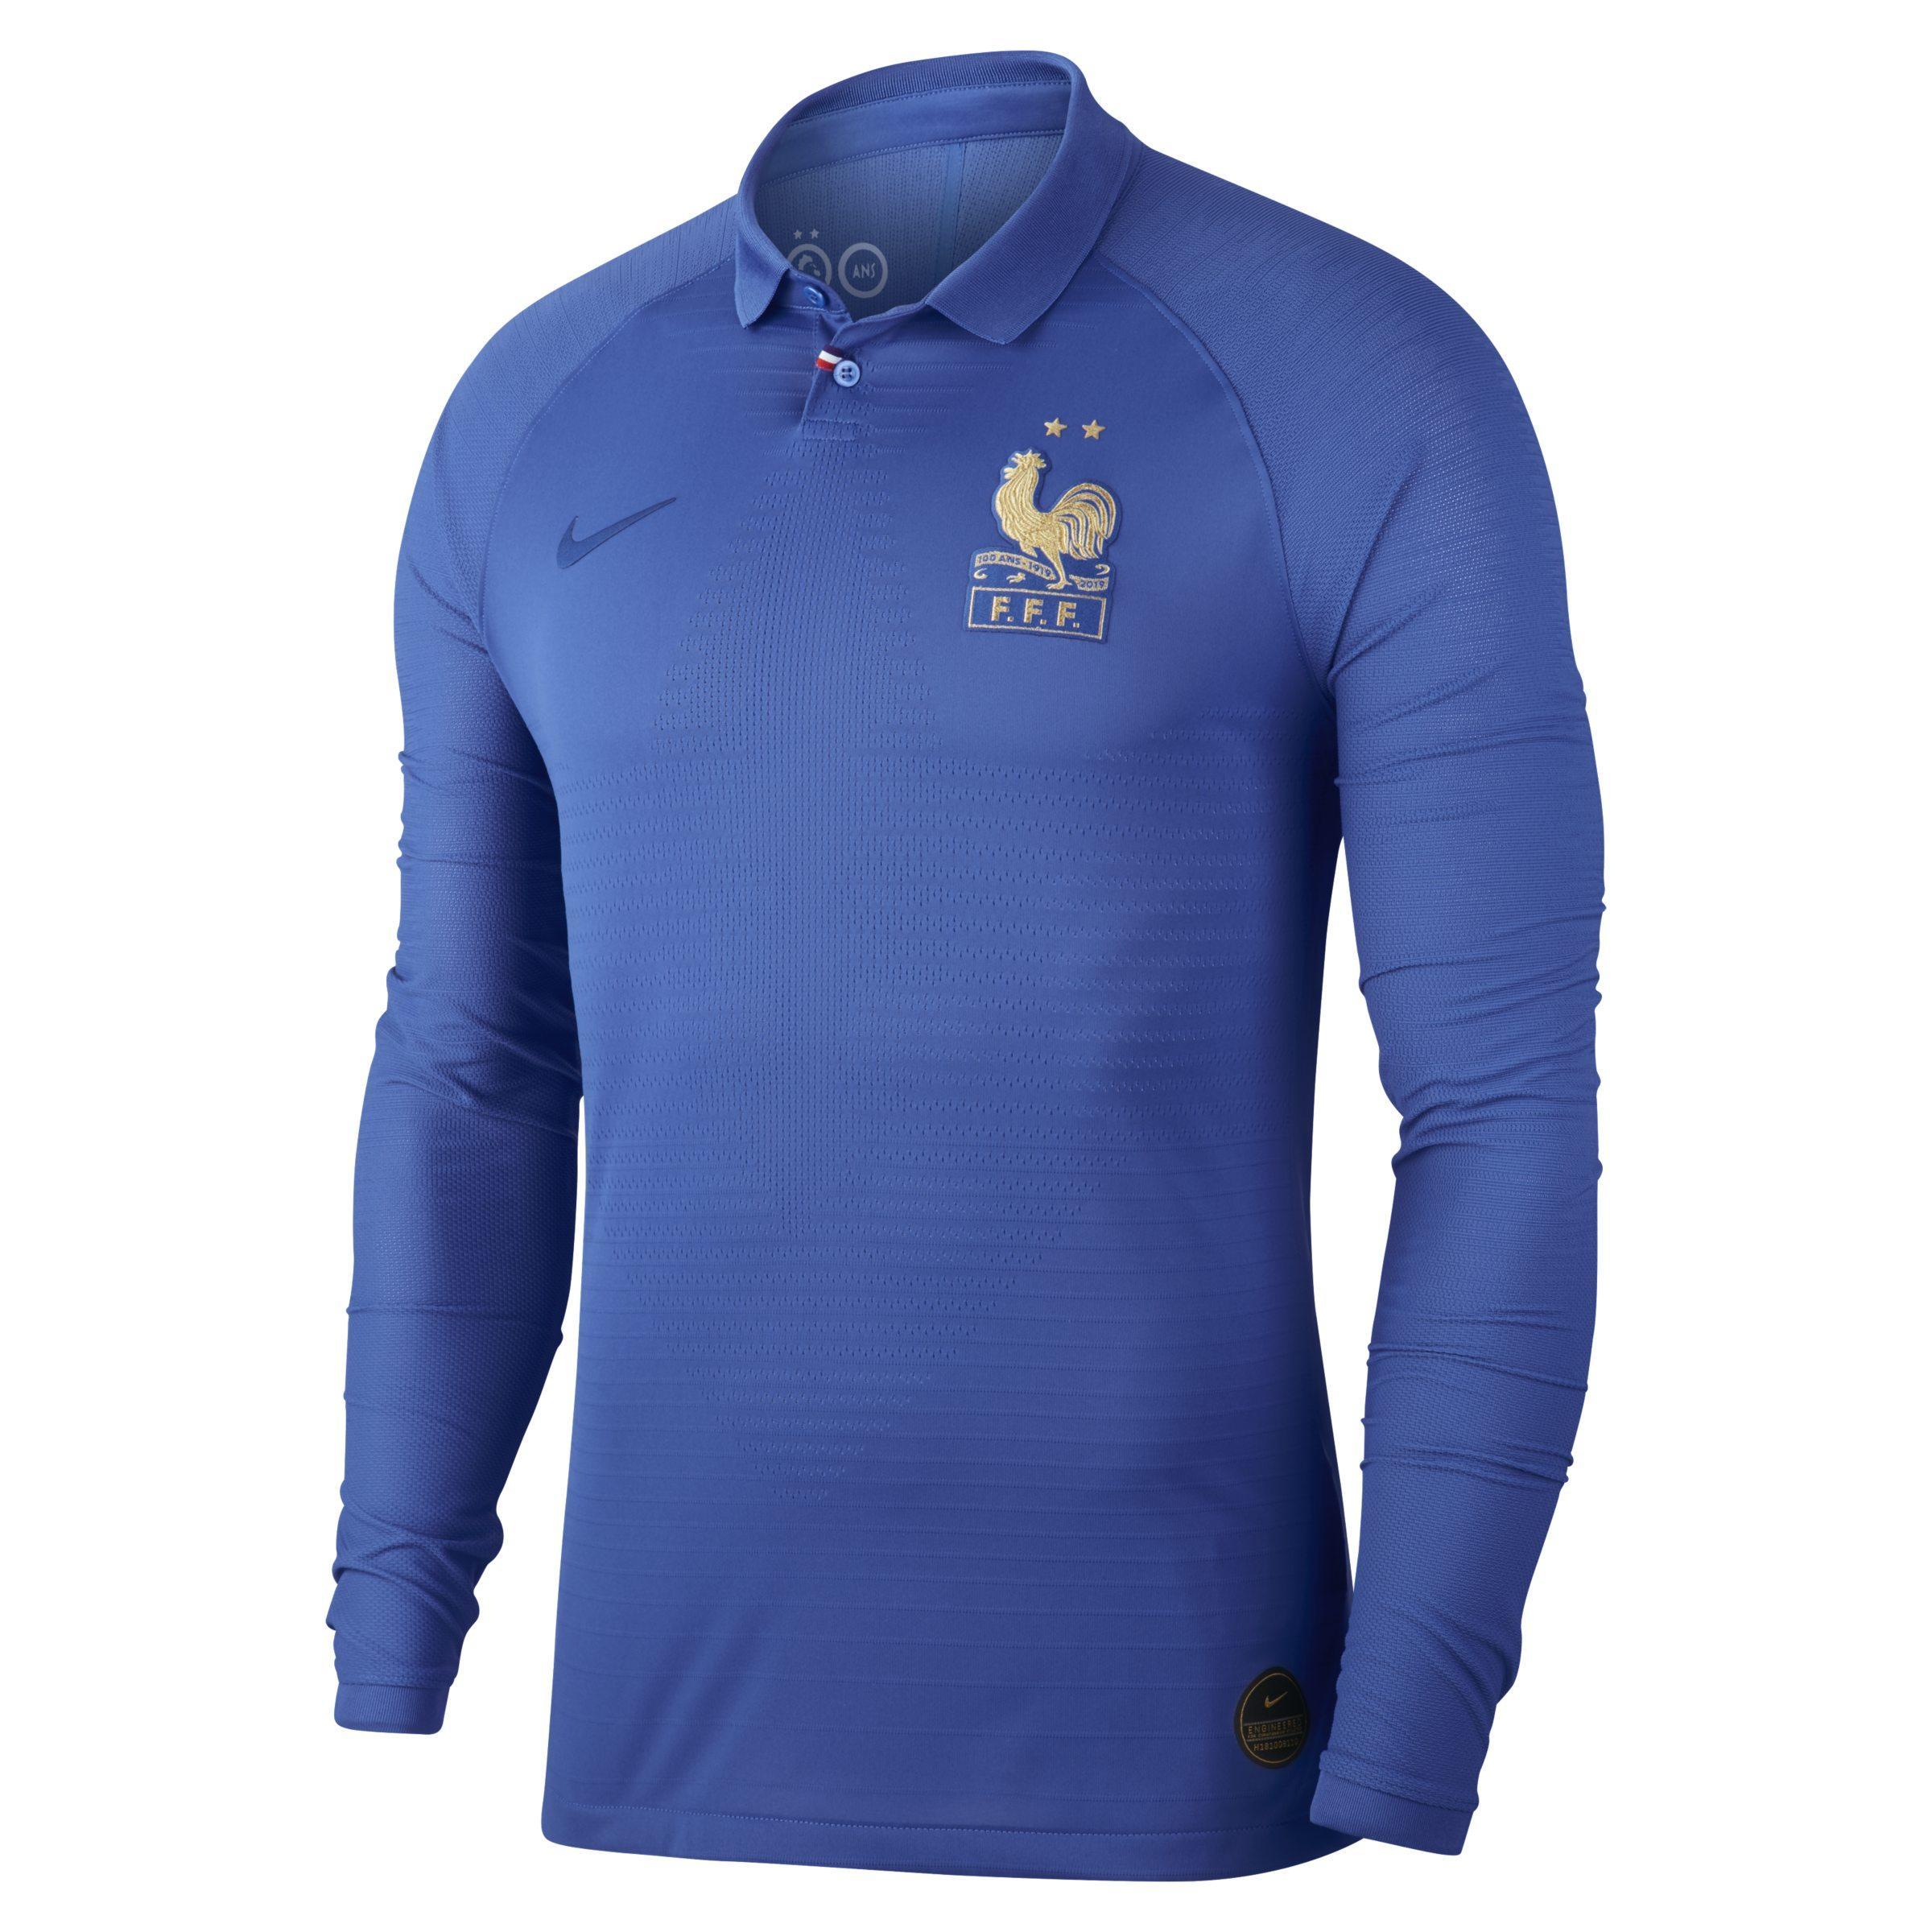 a8012995 Nike Fff Vapor Match Centennial Long-sleeve Shirt in Blue for Men - Lyst